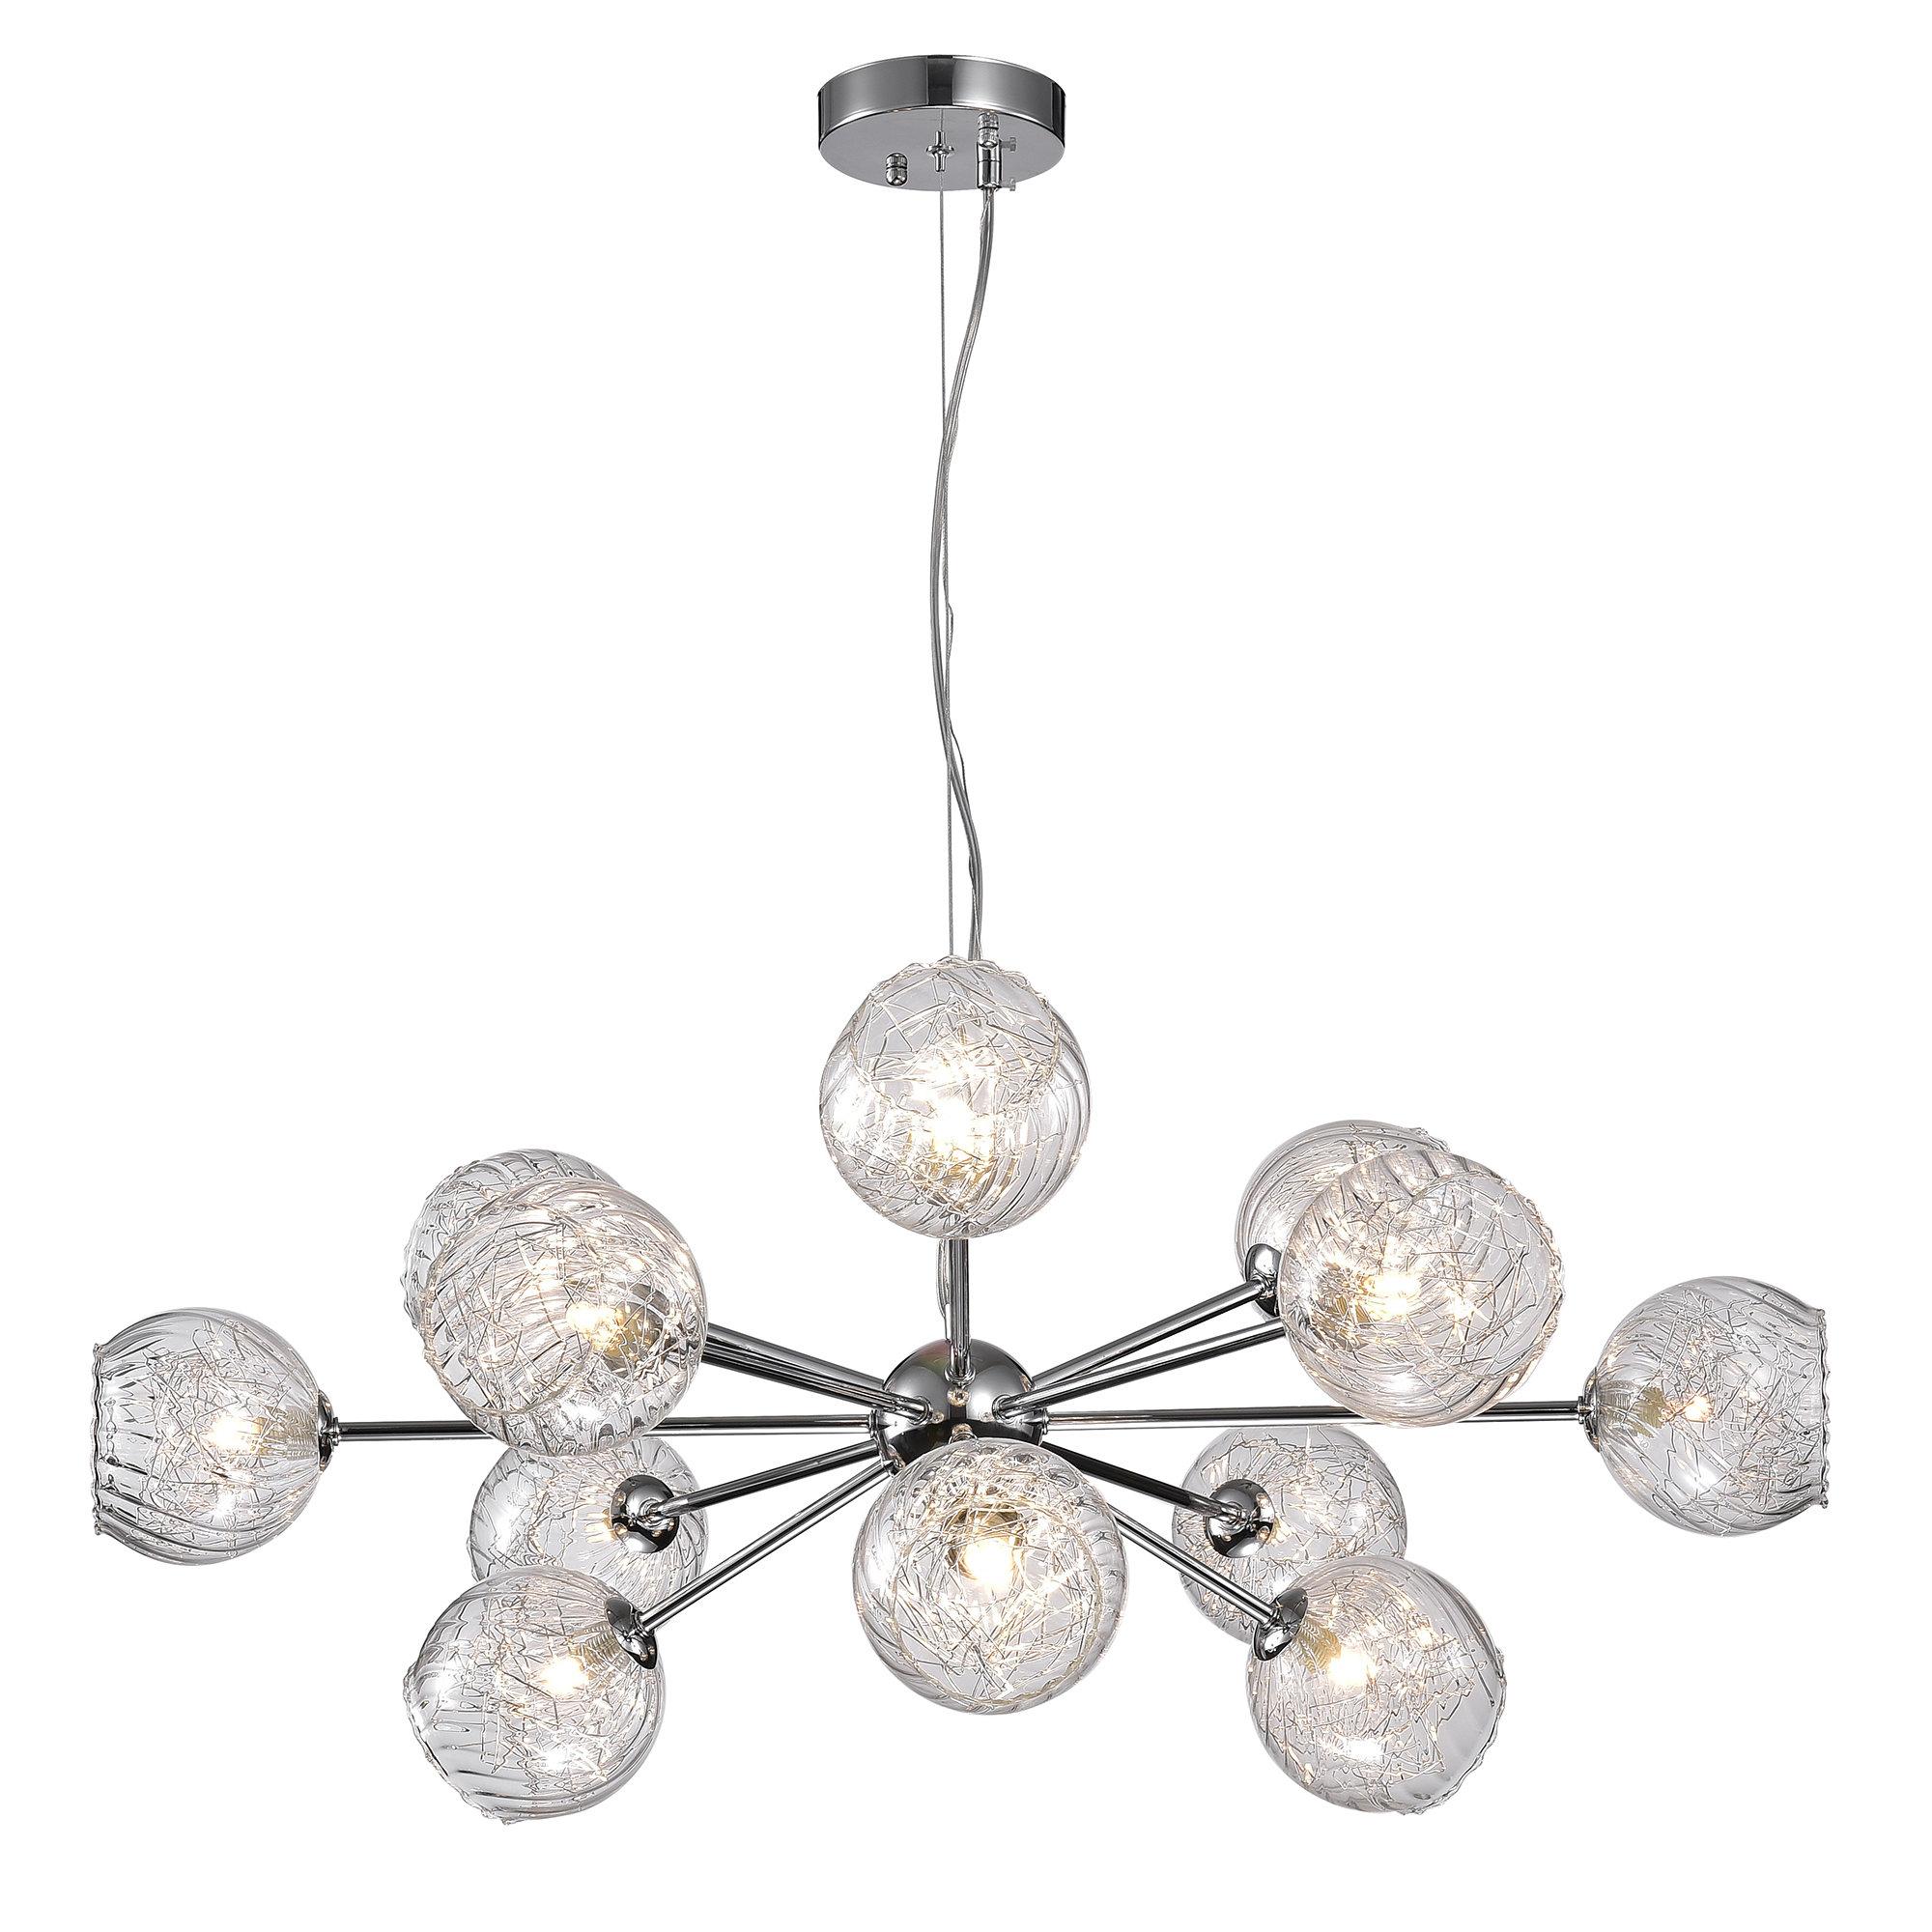 Earleville 12 Light Sputnik Chandelier Throughout Fashionable Asher 12 Light Sputnik Chandeliers (Gallery 7 of 20)